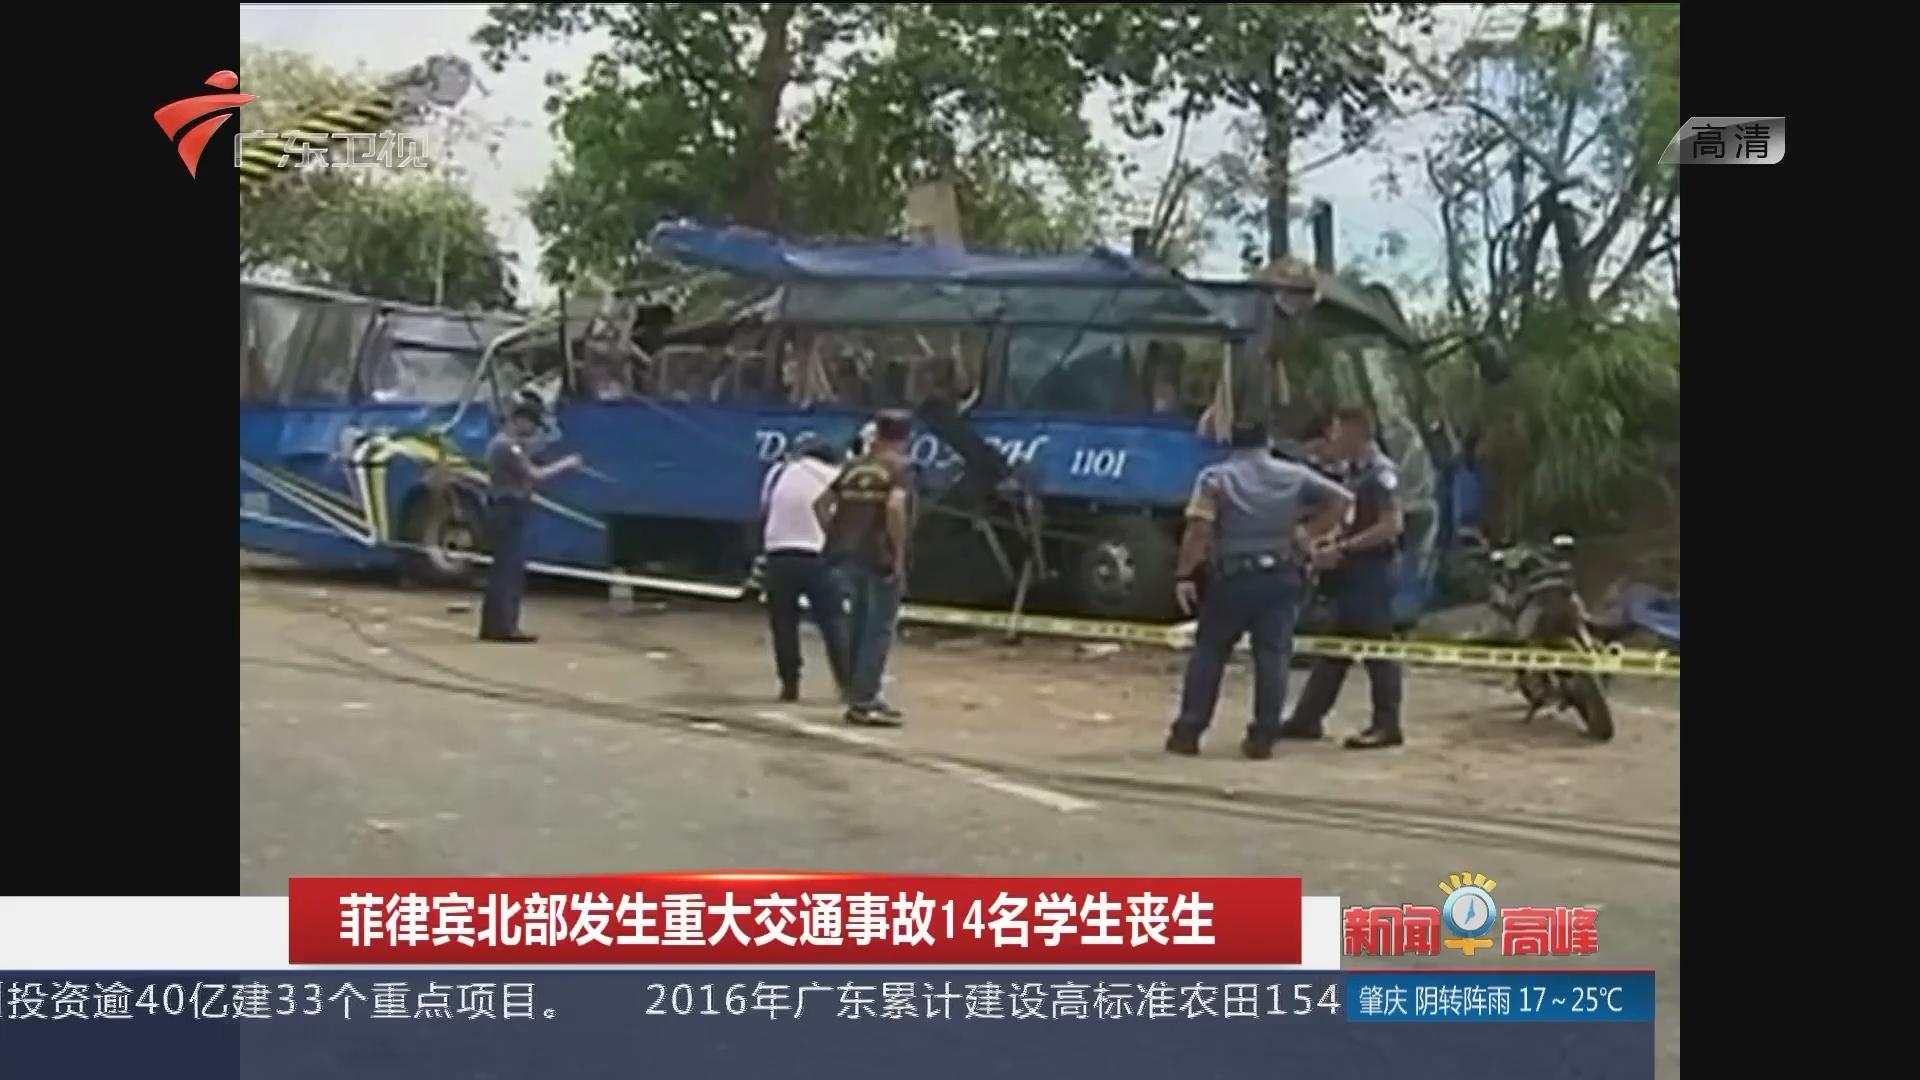 菲律宾北部发生重大交通事故14名学生丧生